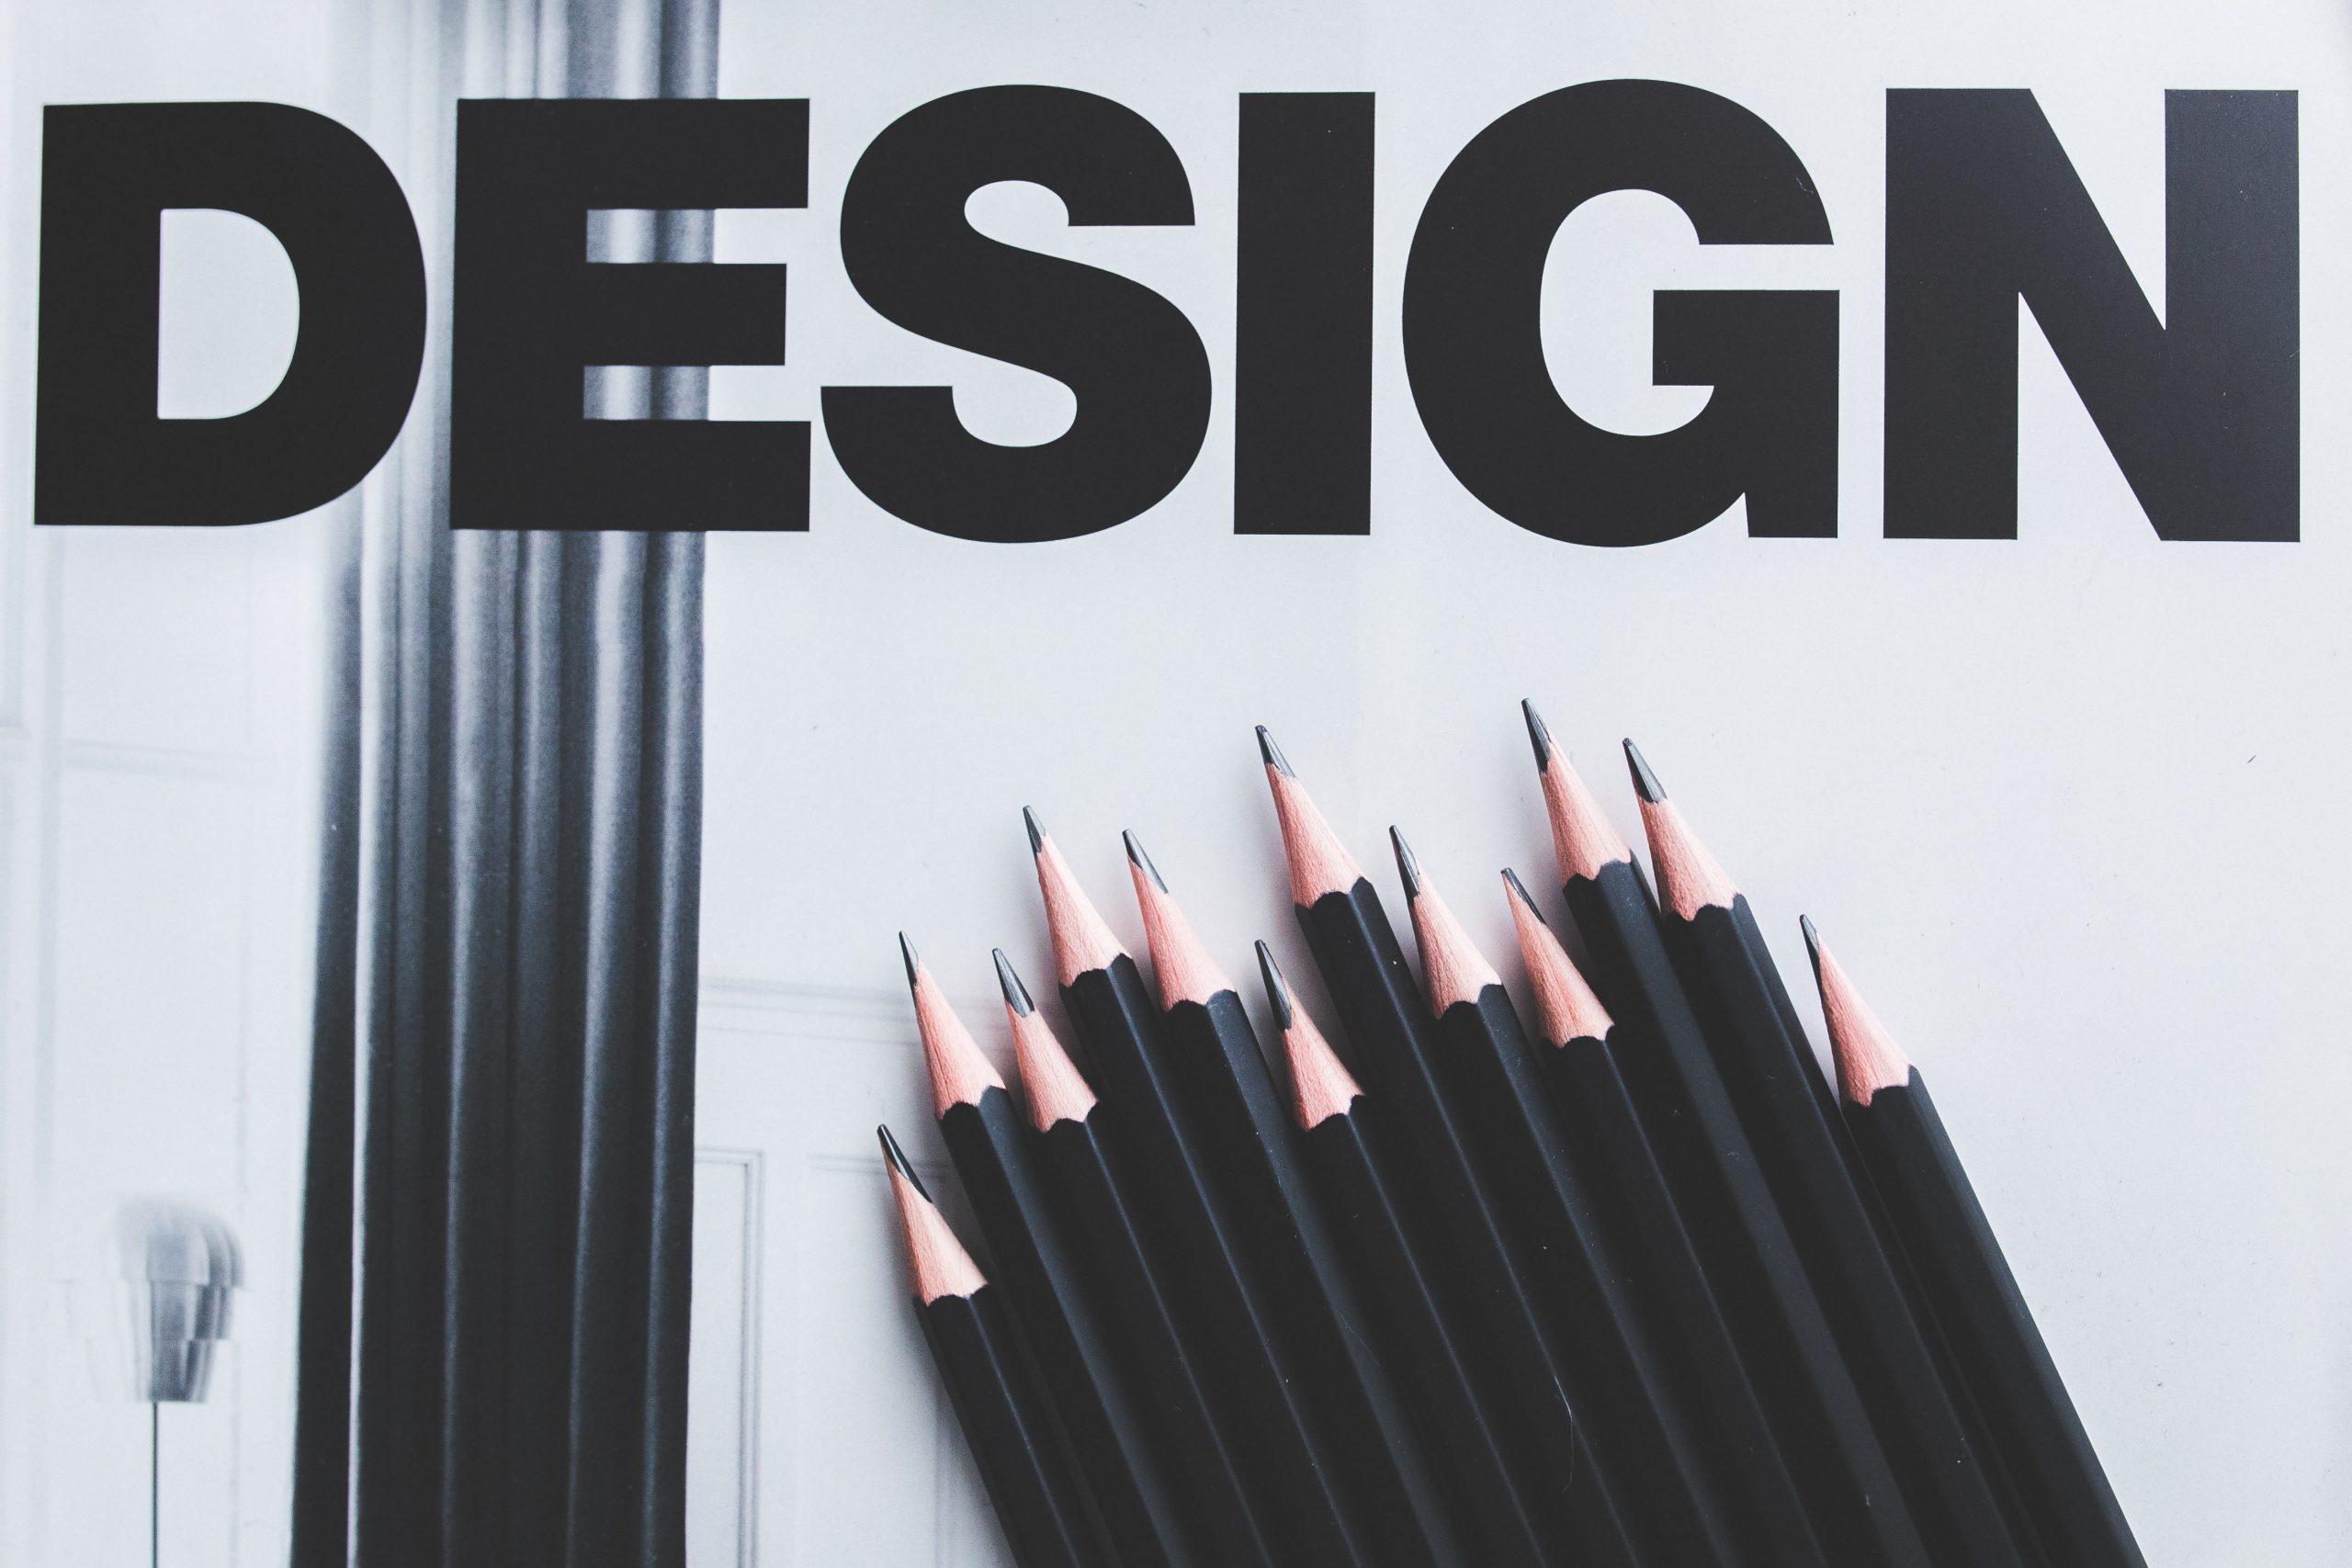 ¿Por qué implementar el branding en tu negocio?